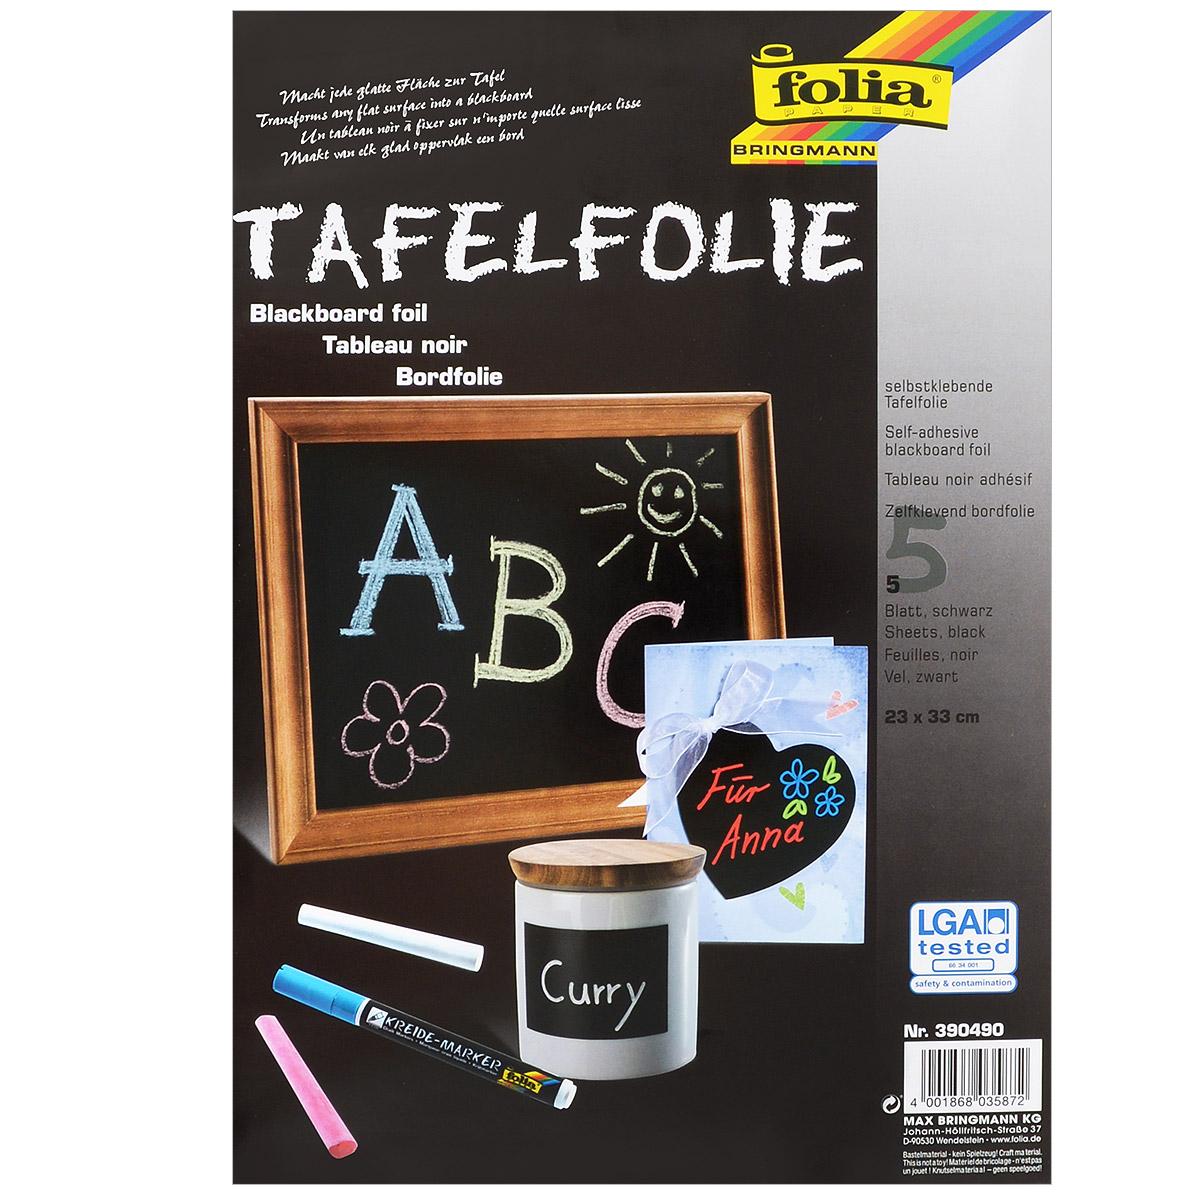 Листы самоклеющиеся Folia, с эффектом доски для мела, цвет: черный, 23 х 33 см, 5 шт7708013Самоклеющейся и индивидуально приспосабливаемые листы Folia позволяют сделать любую гладкую поверхность доской для рисования, на которой можно рисовать или обычным мелками, или специальными маркерами с мелом. А протерев доску, когда она подсохнет, можно писать или рисовать снова! Комплектация: 5 шт. Размер листов: 23 см х 33 см.